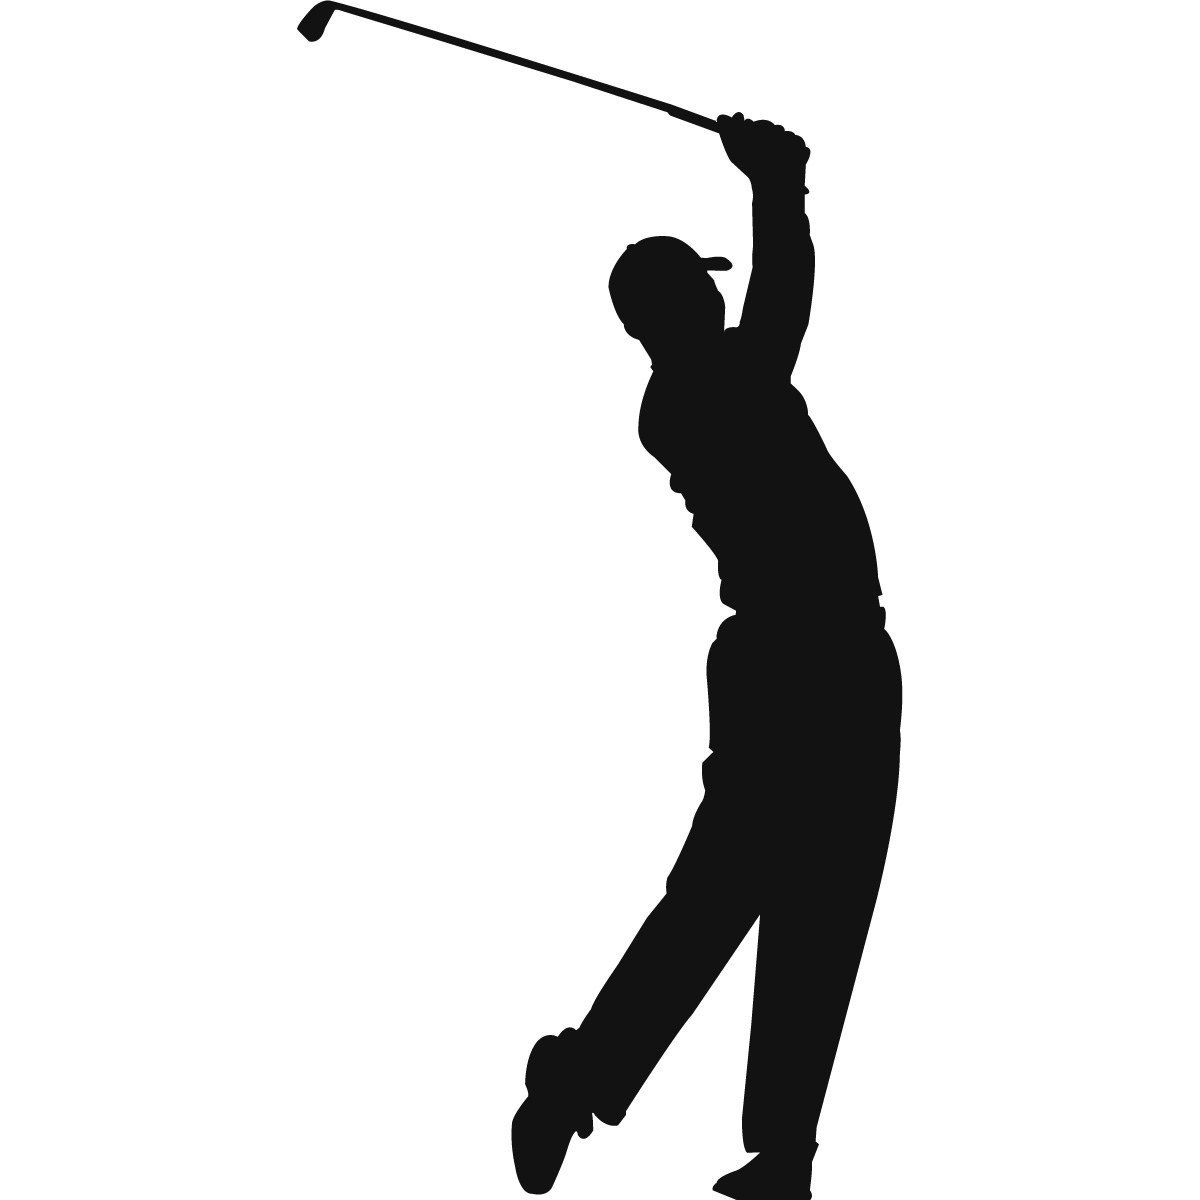 Golf Club Silhouette Clipart#2023841.